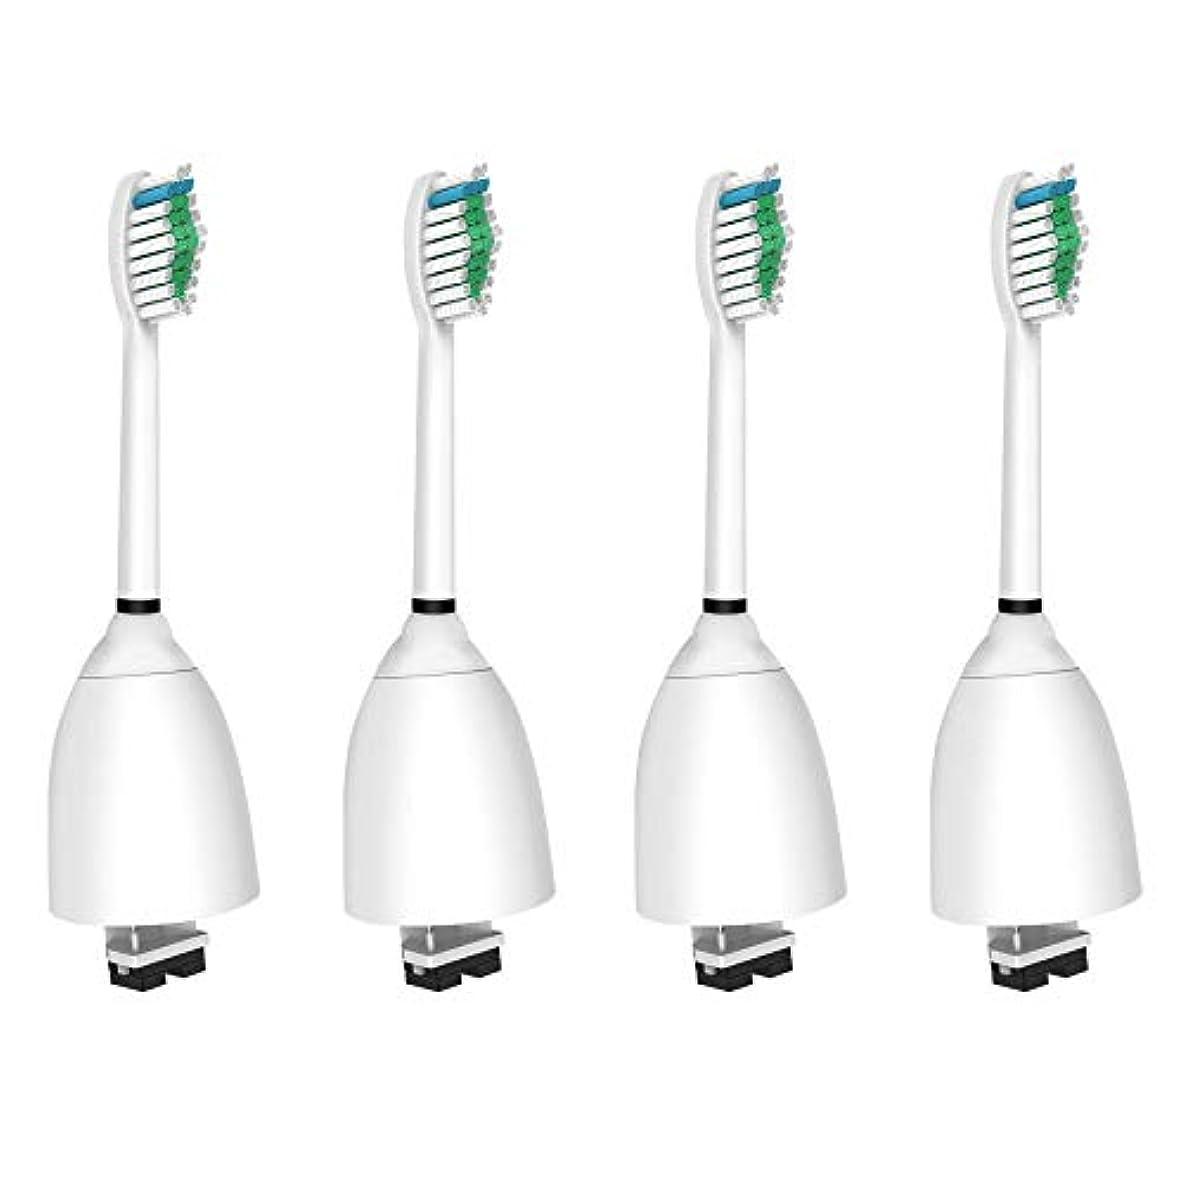 均等にシーフードながらWuYan ブラシヘッド 互換性 Philips Sonicare 歯ブラシヘッドに対応 E シリーズ 交換用 ブラシヘッド 互換性 エッセンス エリート エクストリーム アドバンスとクリーンケア 4 パック